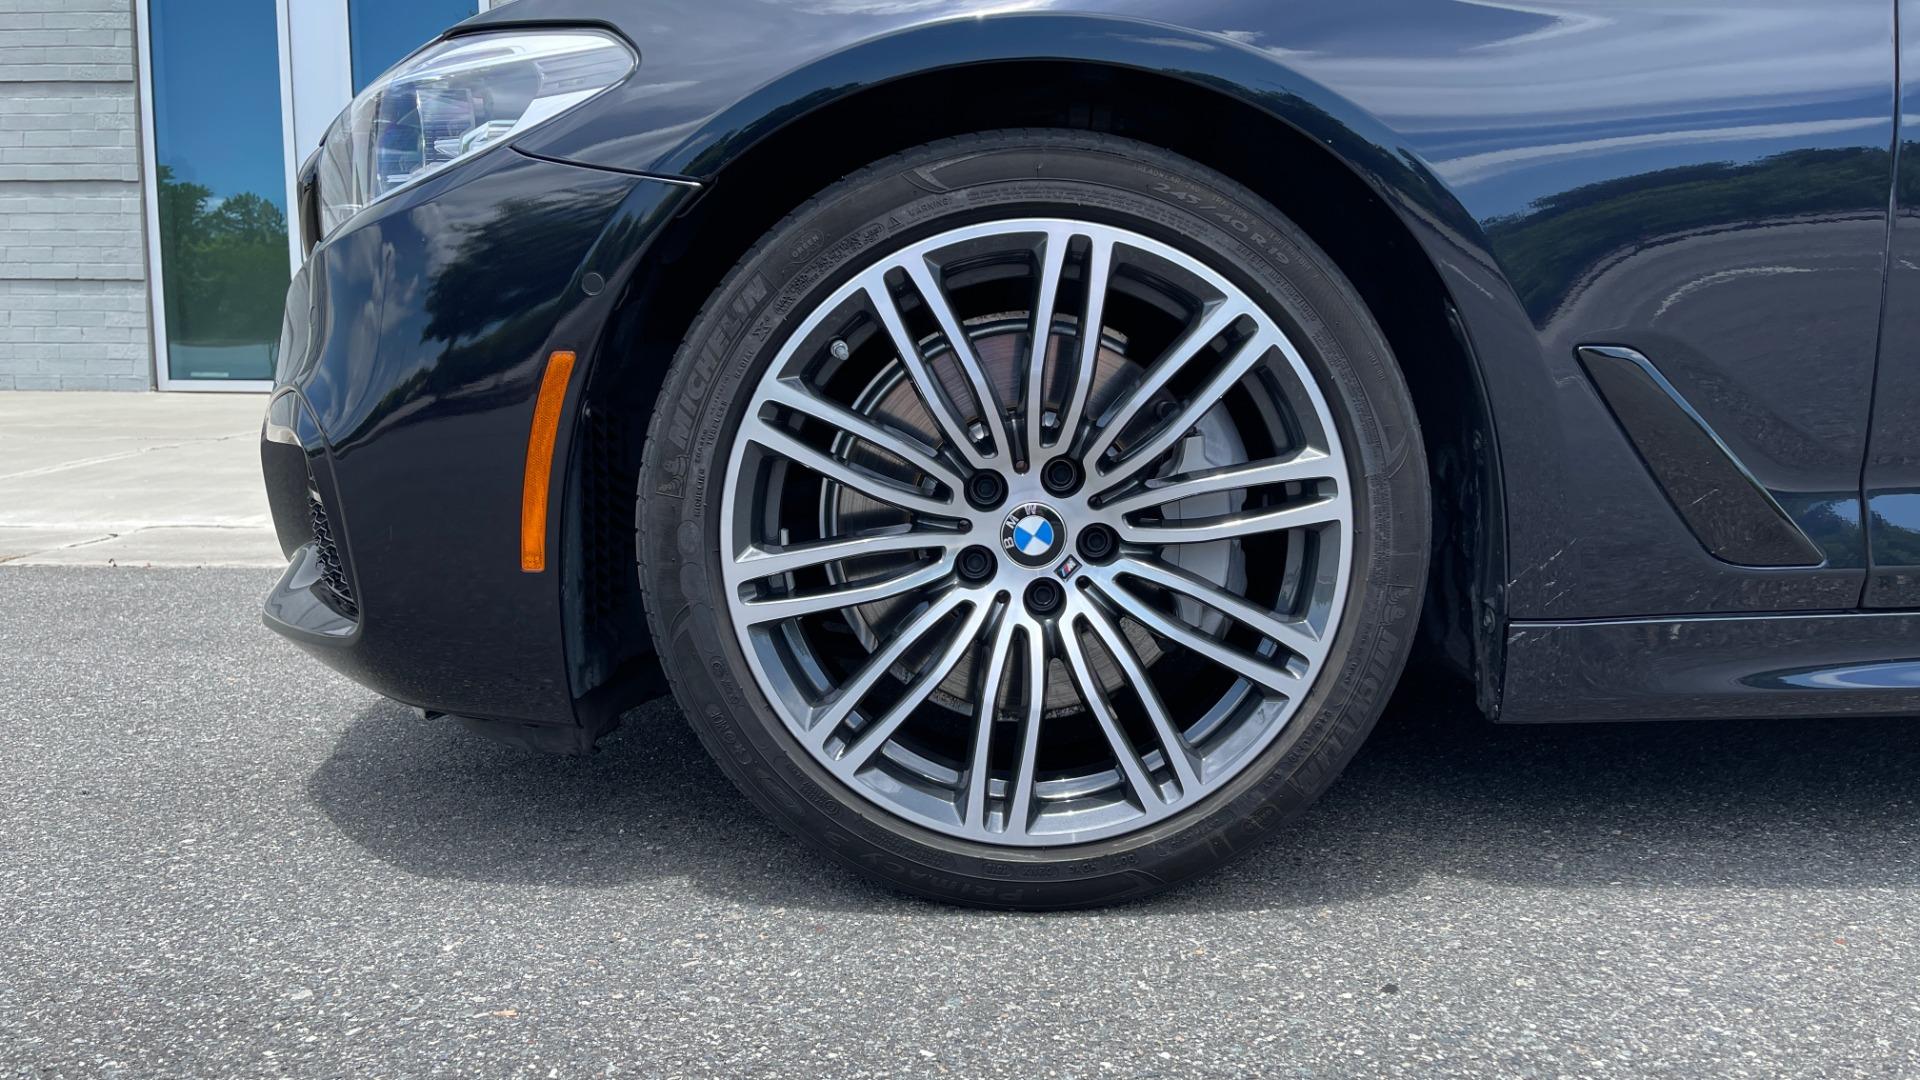 Used 2018 BMW 5 SERIES 540I M-SPORT / EXECUTIVE PKG / DRVR ASST PKG / BLIND SPOT / LANE DEPART for sale $40,995 at Formula Imports in Charlotte NC 28227 74